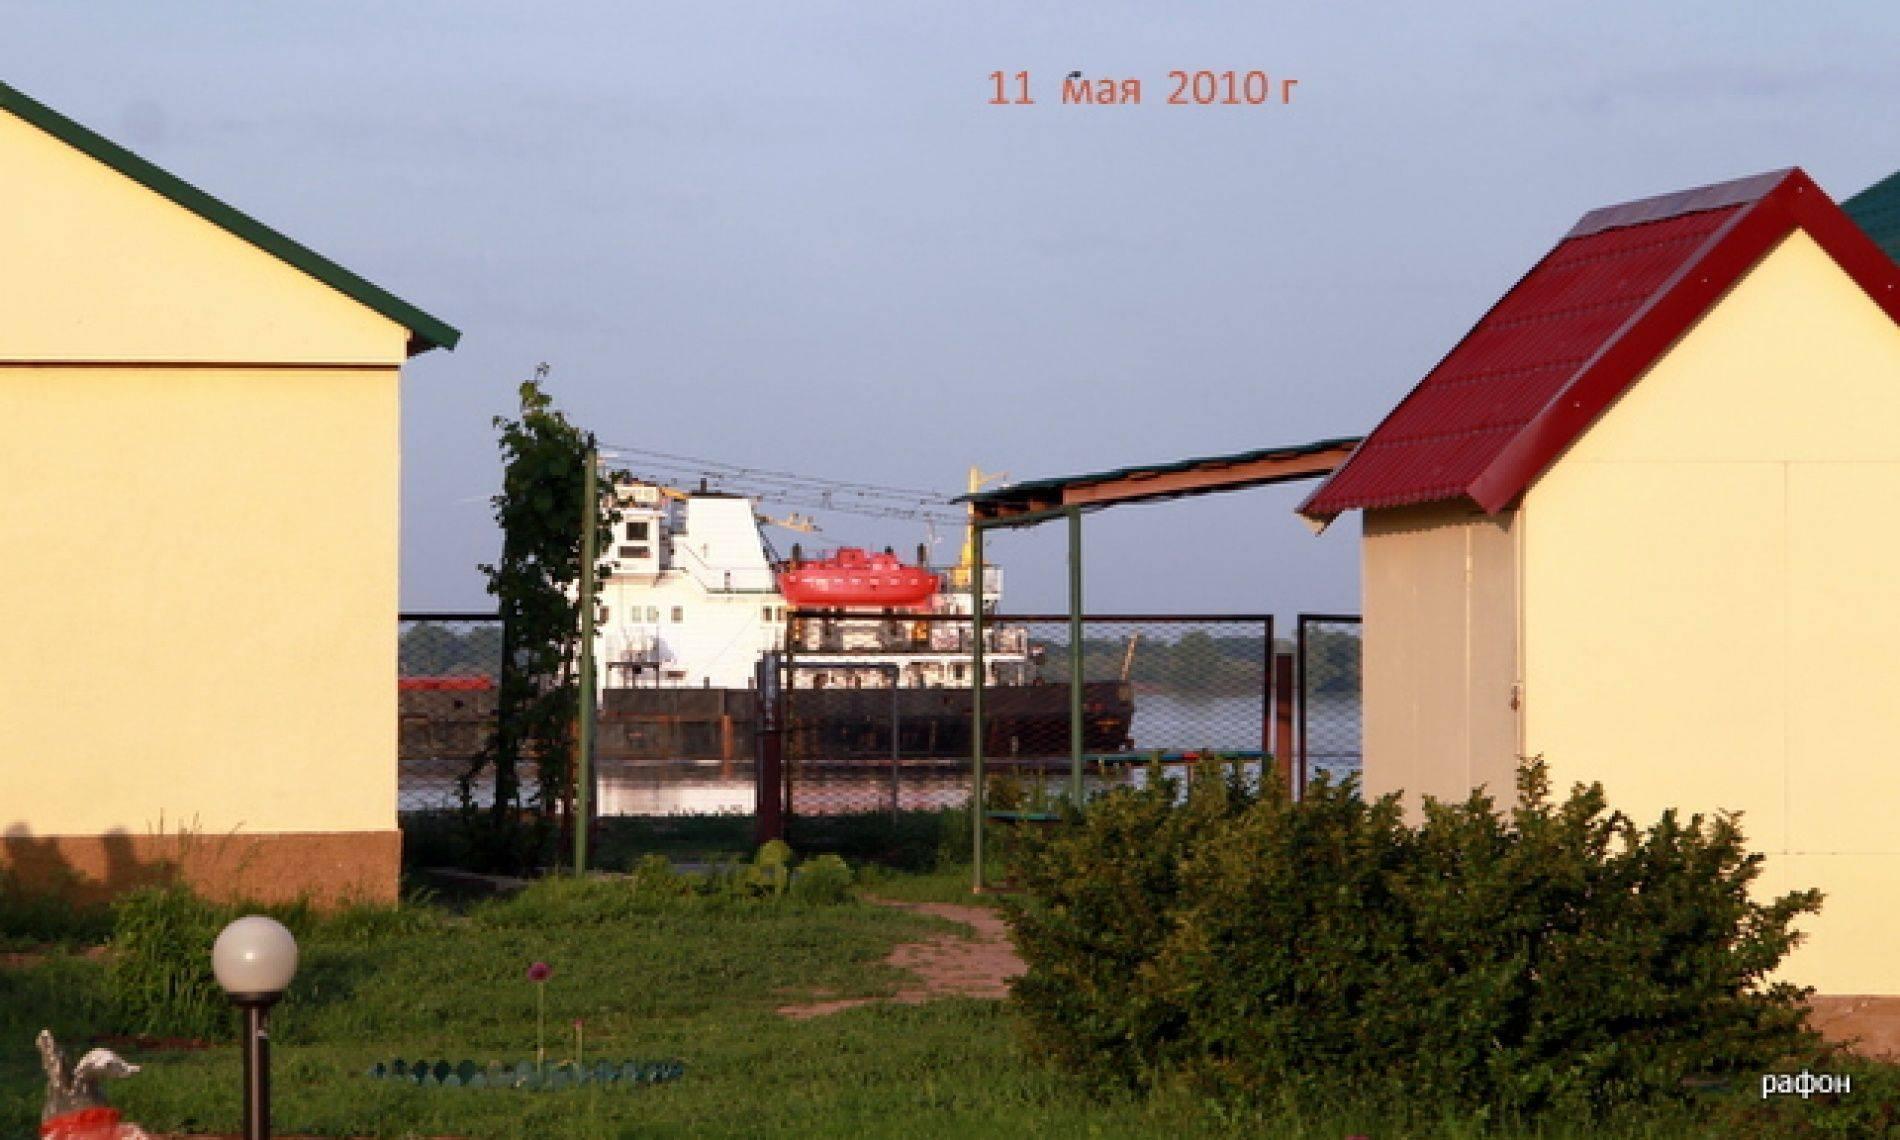 Рыболовная база дедушкин хутор: веб камера и описание